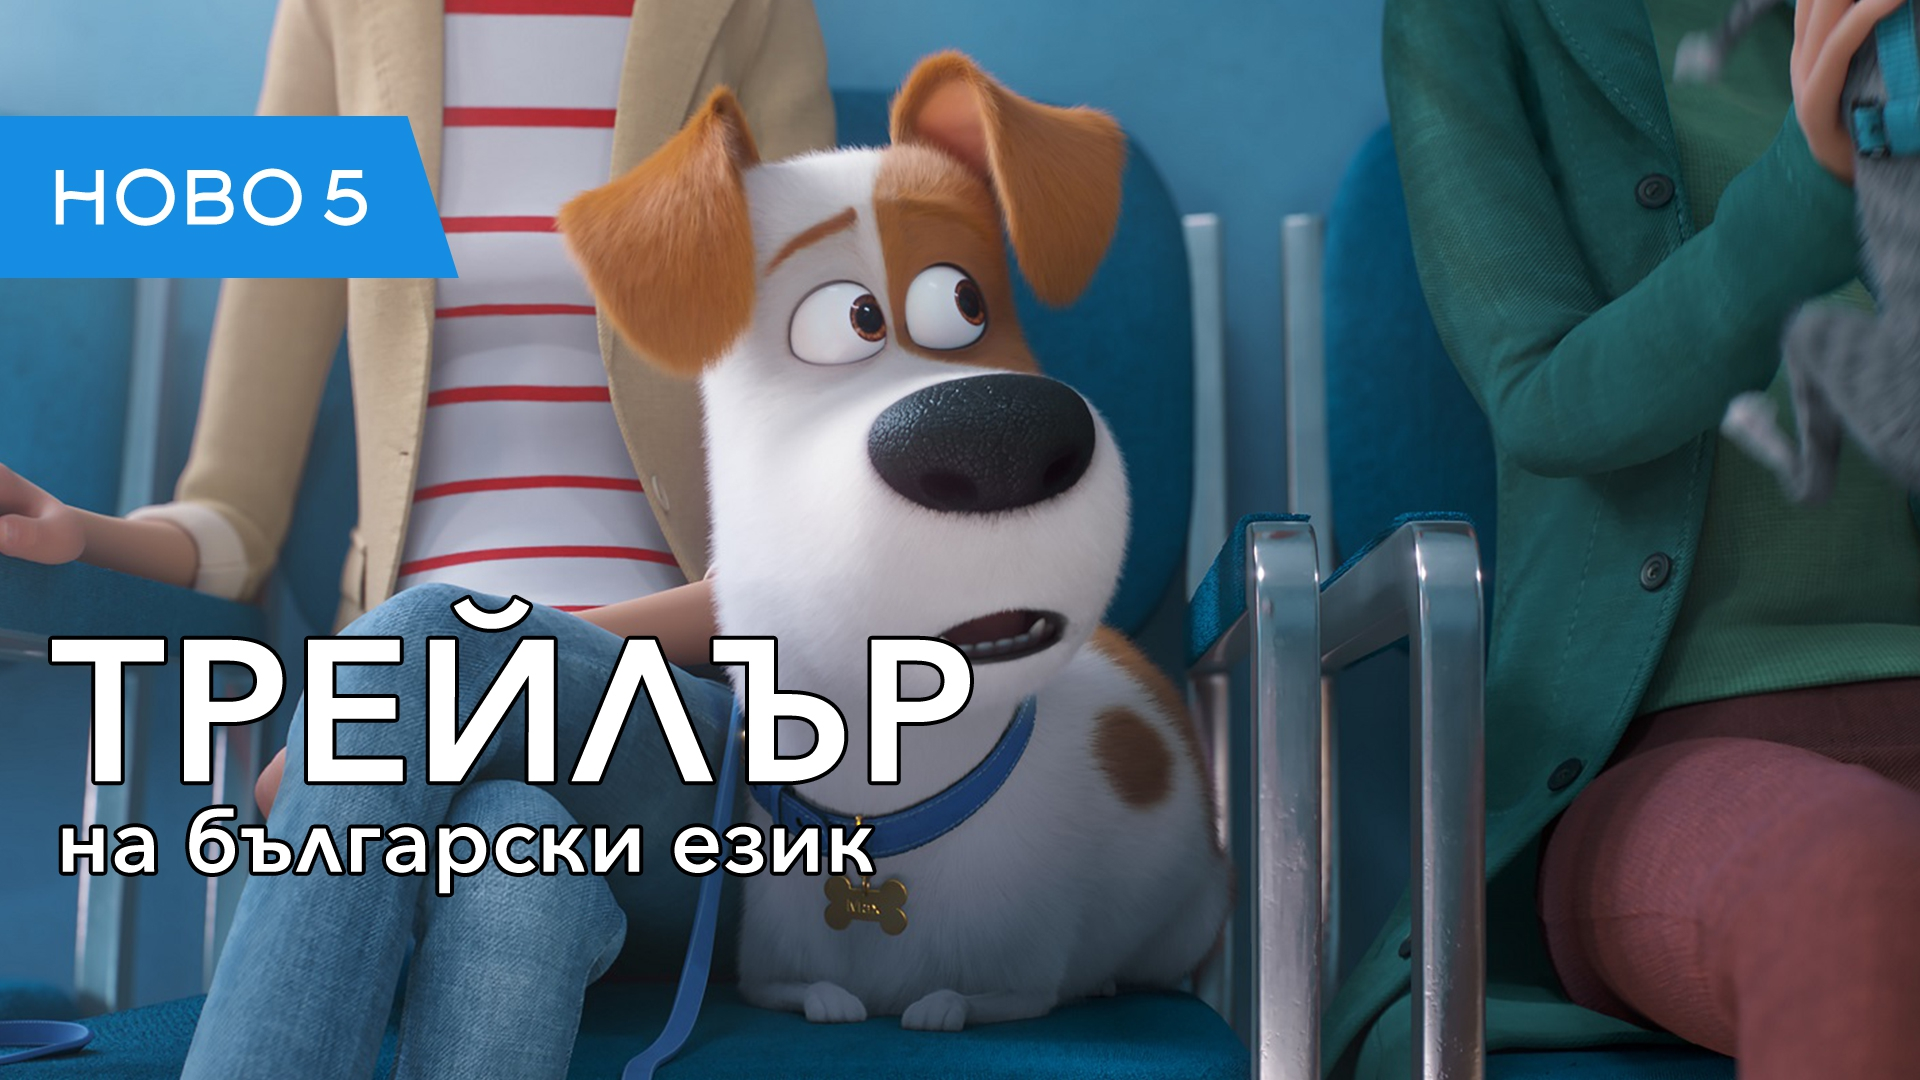 Сами вкъщи 2 (2019) първи трейлър на български език